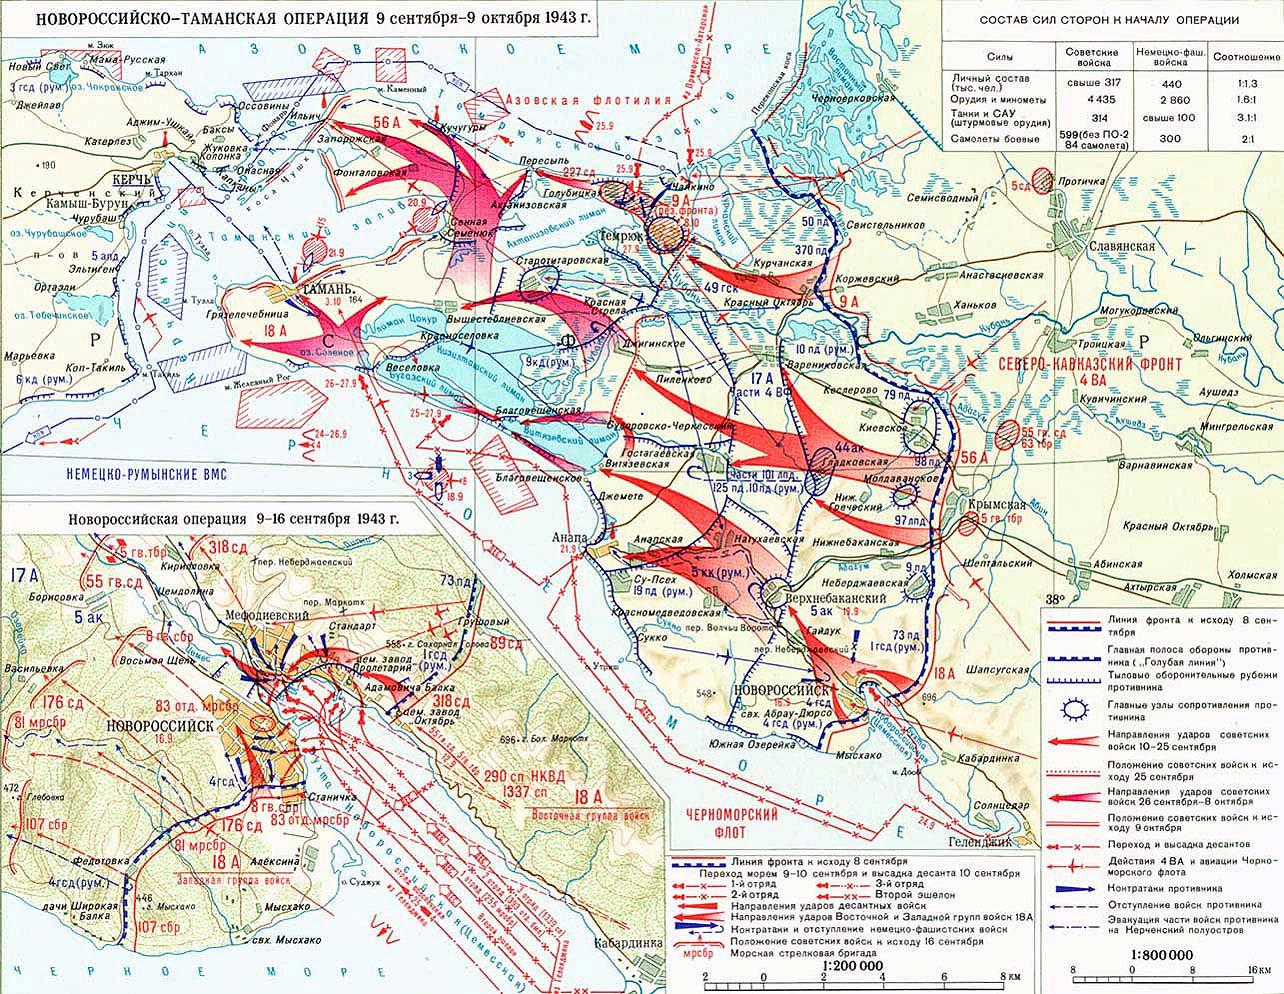 Карта Новороссийско-Таманской операции.